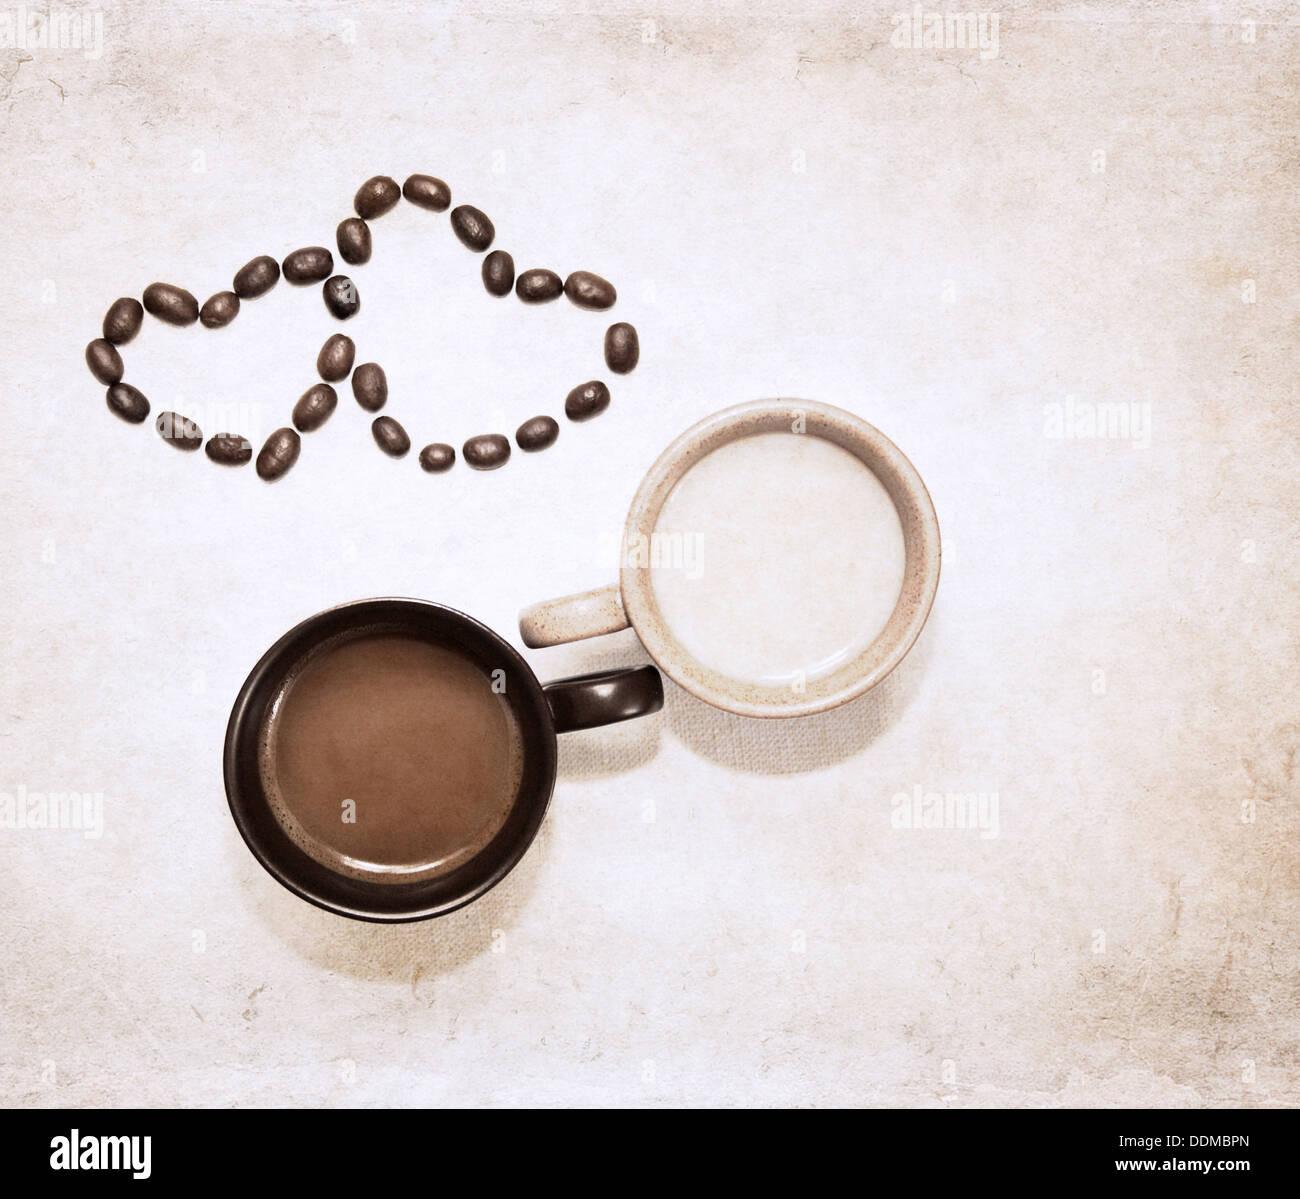 Le opere in stile grunge, due tazze di caffè e di cuore i simboli dei chicchi di caffè Foto Stock